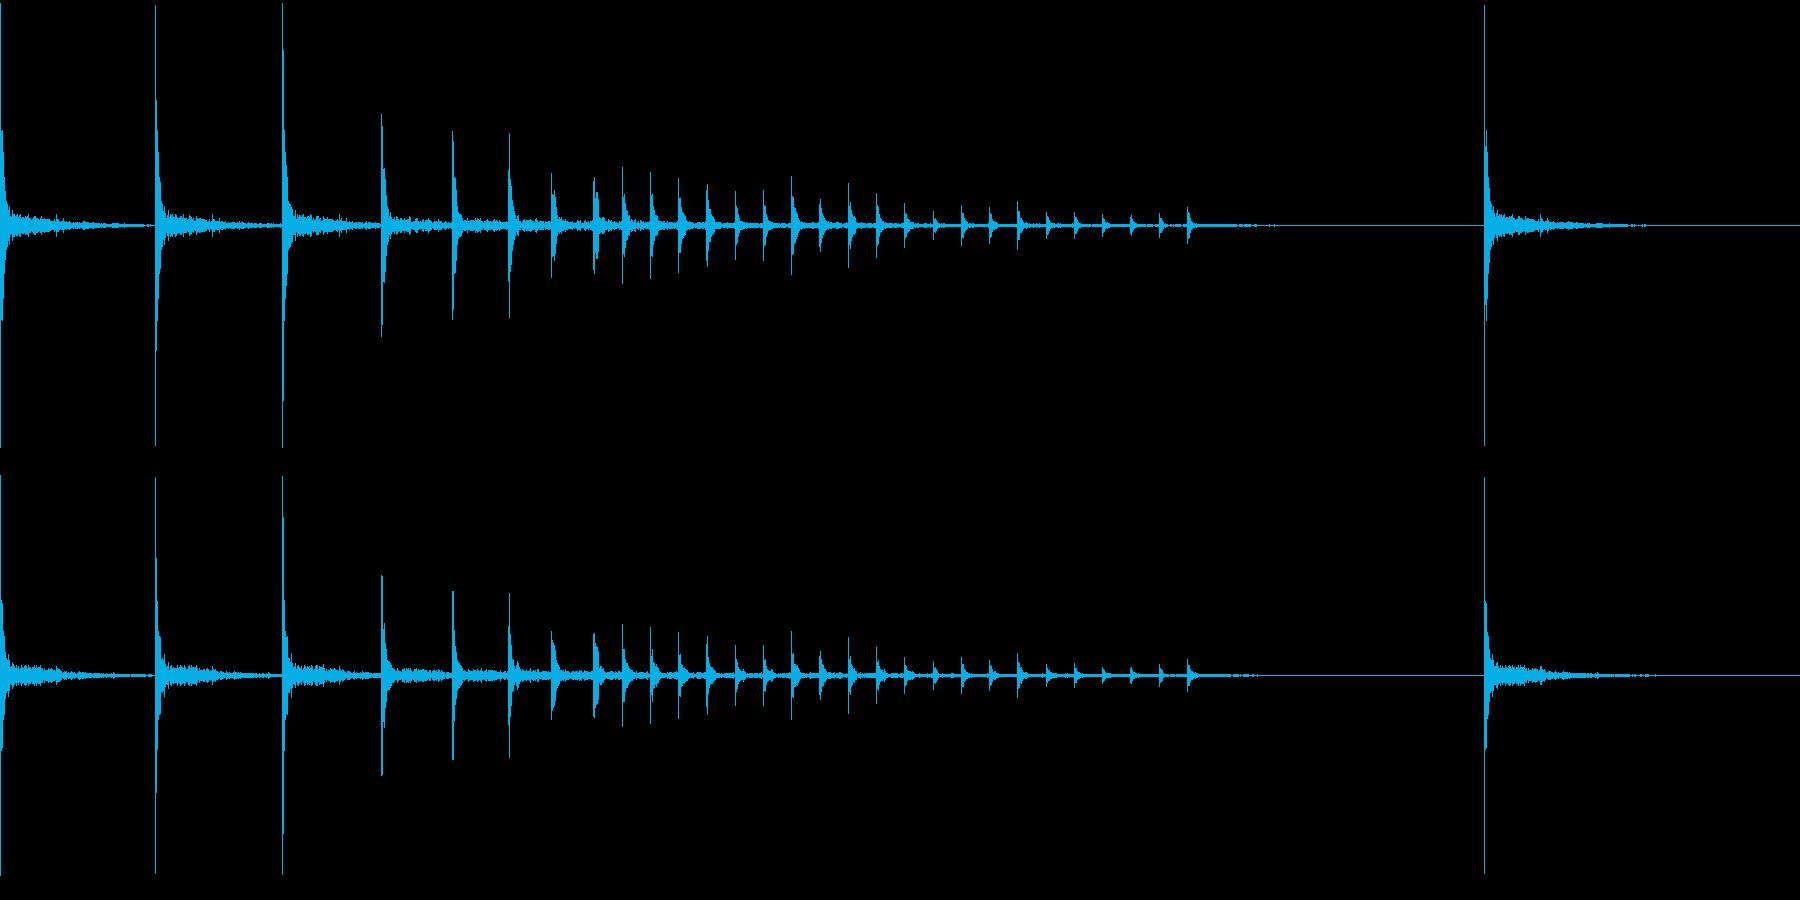 和風の拍子木によるジングルの再生済みの波形